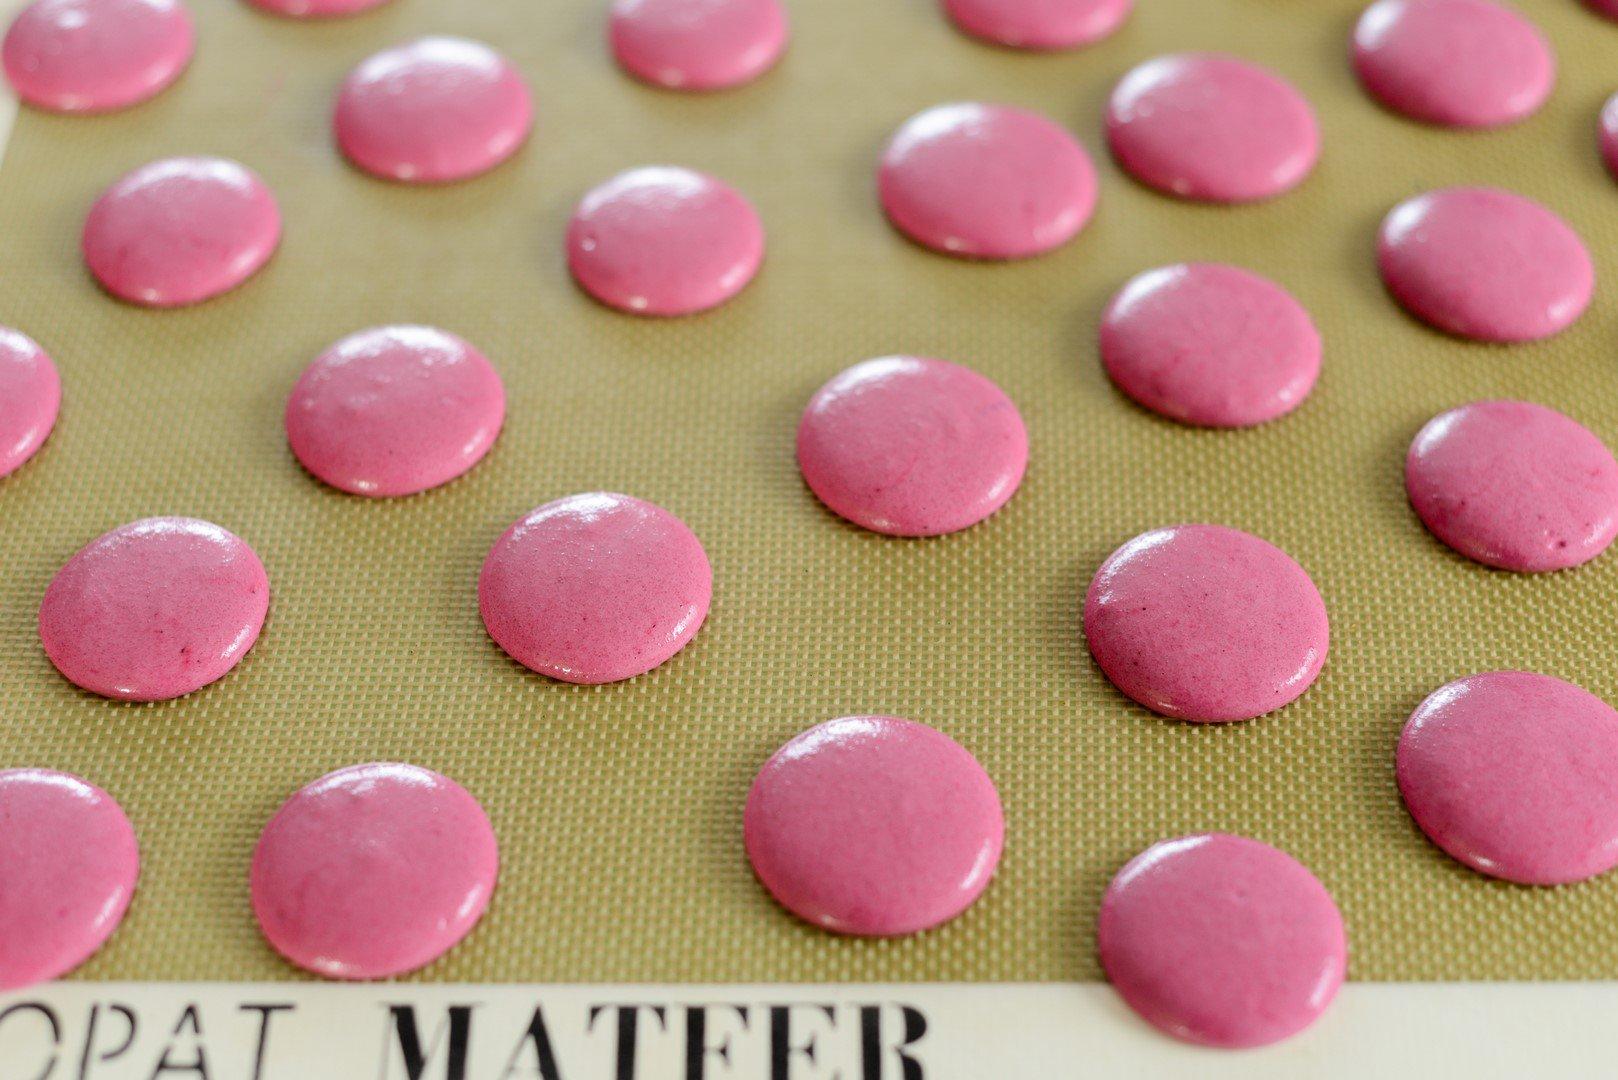 macarons-tant-pour-tant-a-litalienne-macarons-aus-italienischer-meringue-dsc89861-kopie